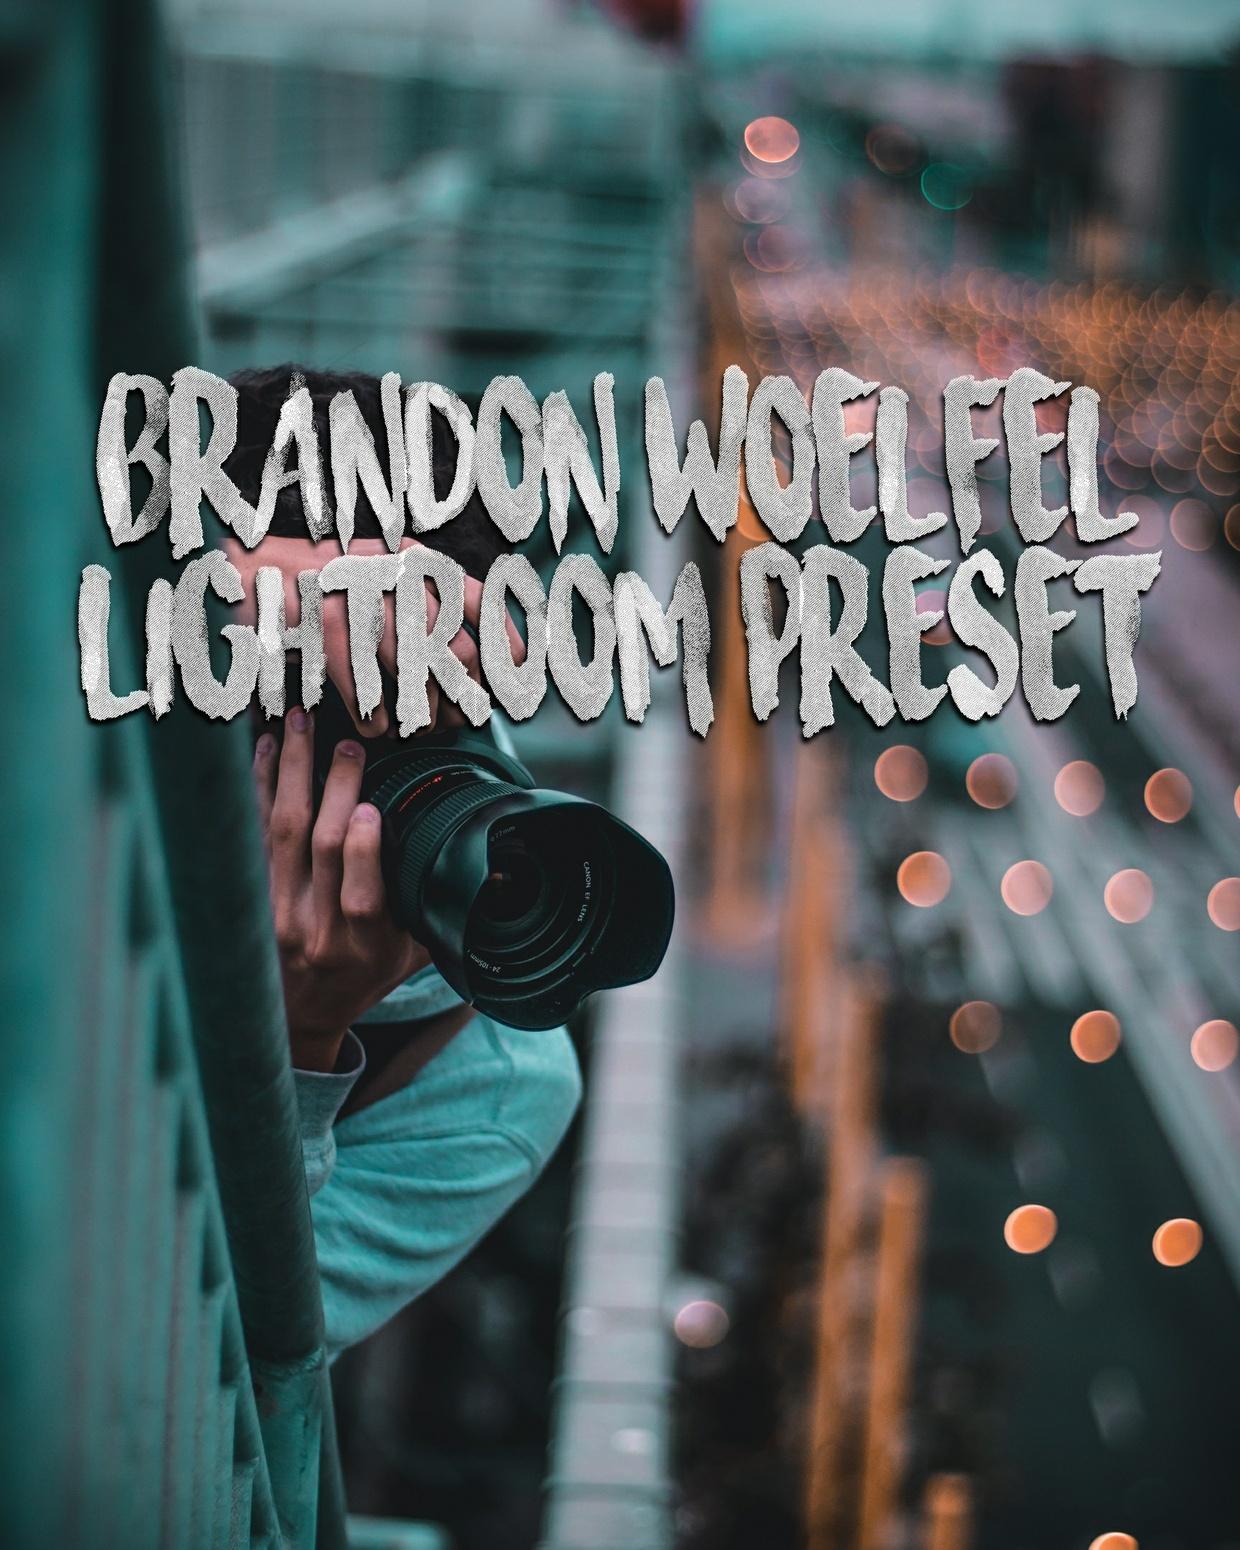 BRANDON WOELFEL LIGHTROOM PRESET by @ruusstty